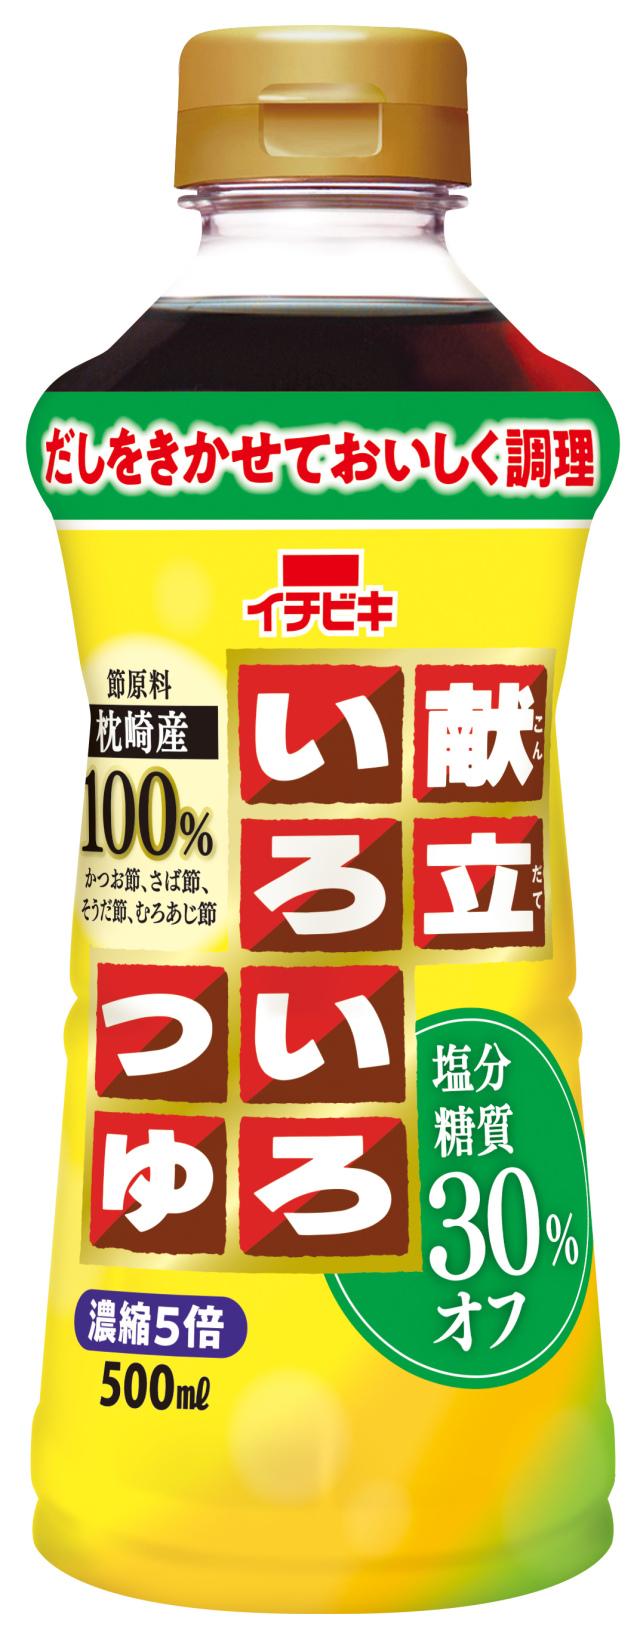 塩分・糖質30%オフ献立いろいろつゆ 500ml